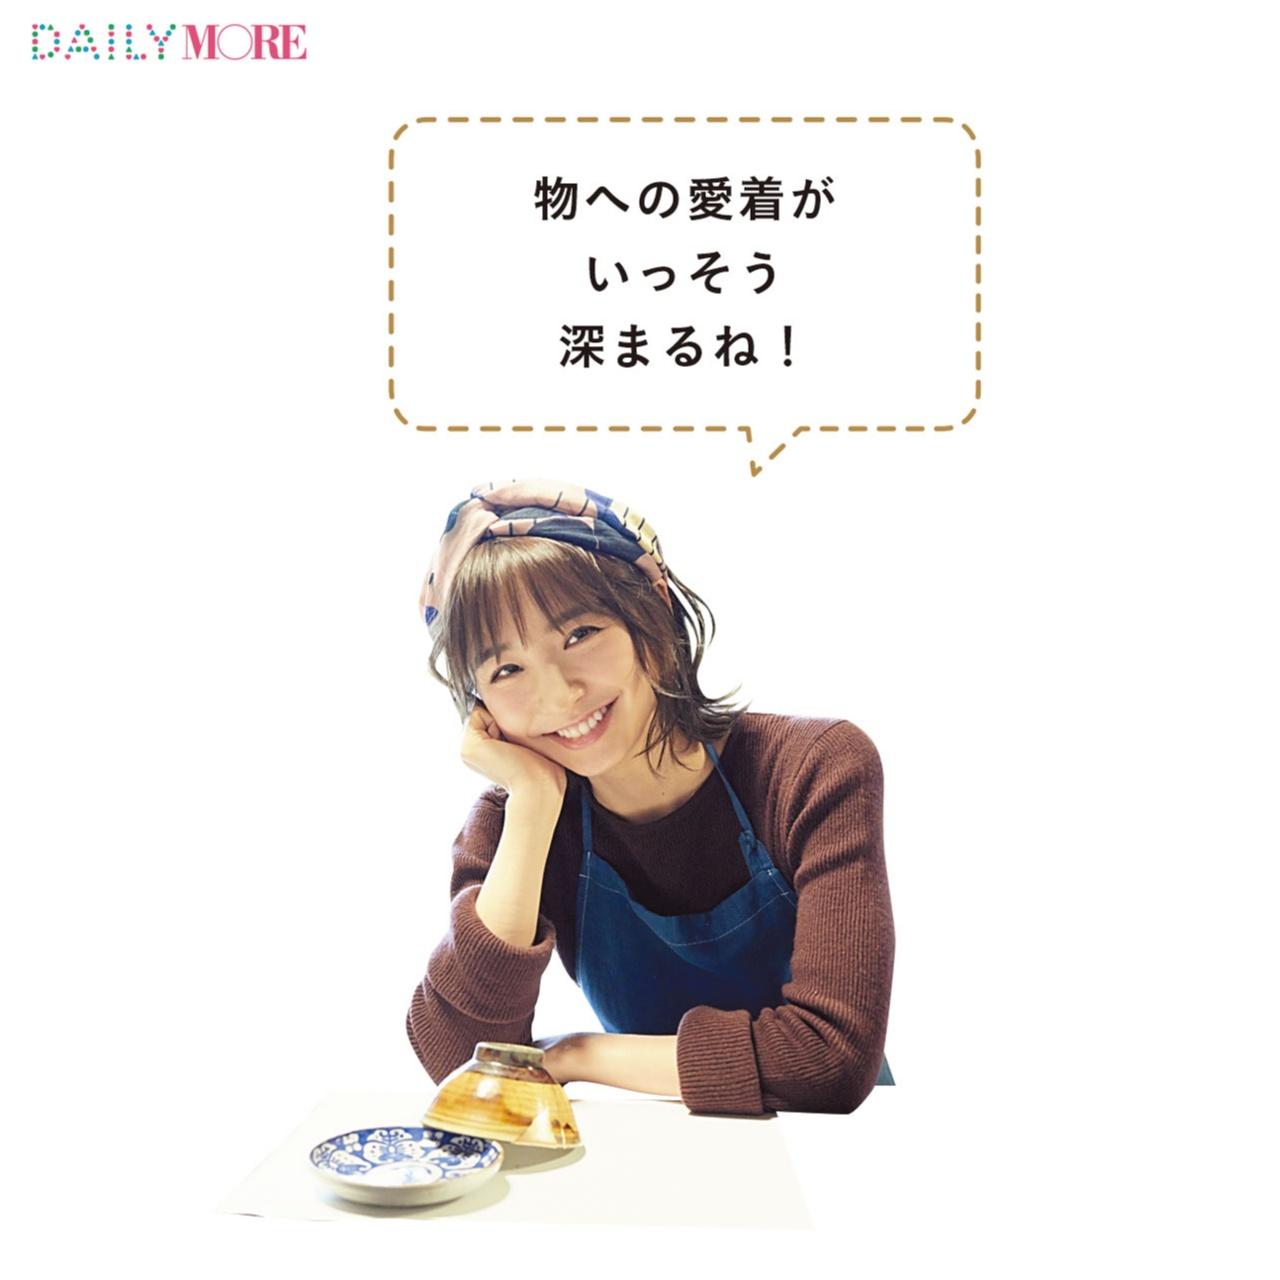 篠田麻里子が体験♡ 話題の「現代風金継ぎ体験」に行こう!【麻里子のナライゴトハジメ】_3